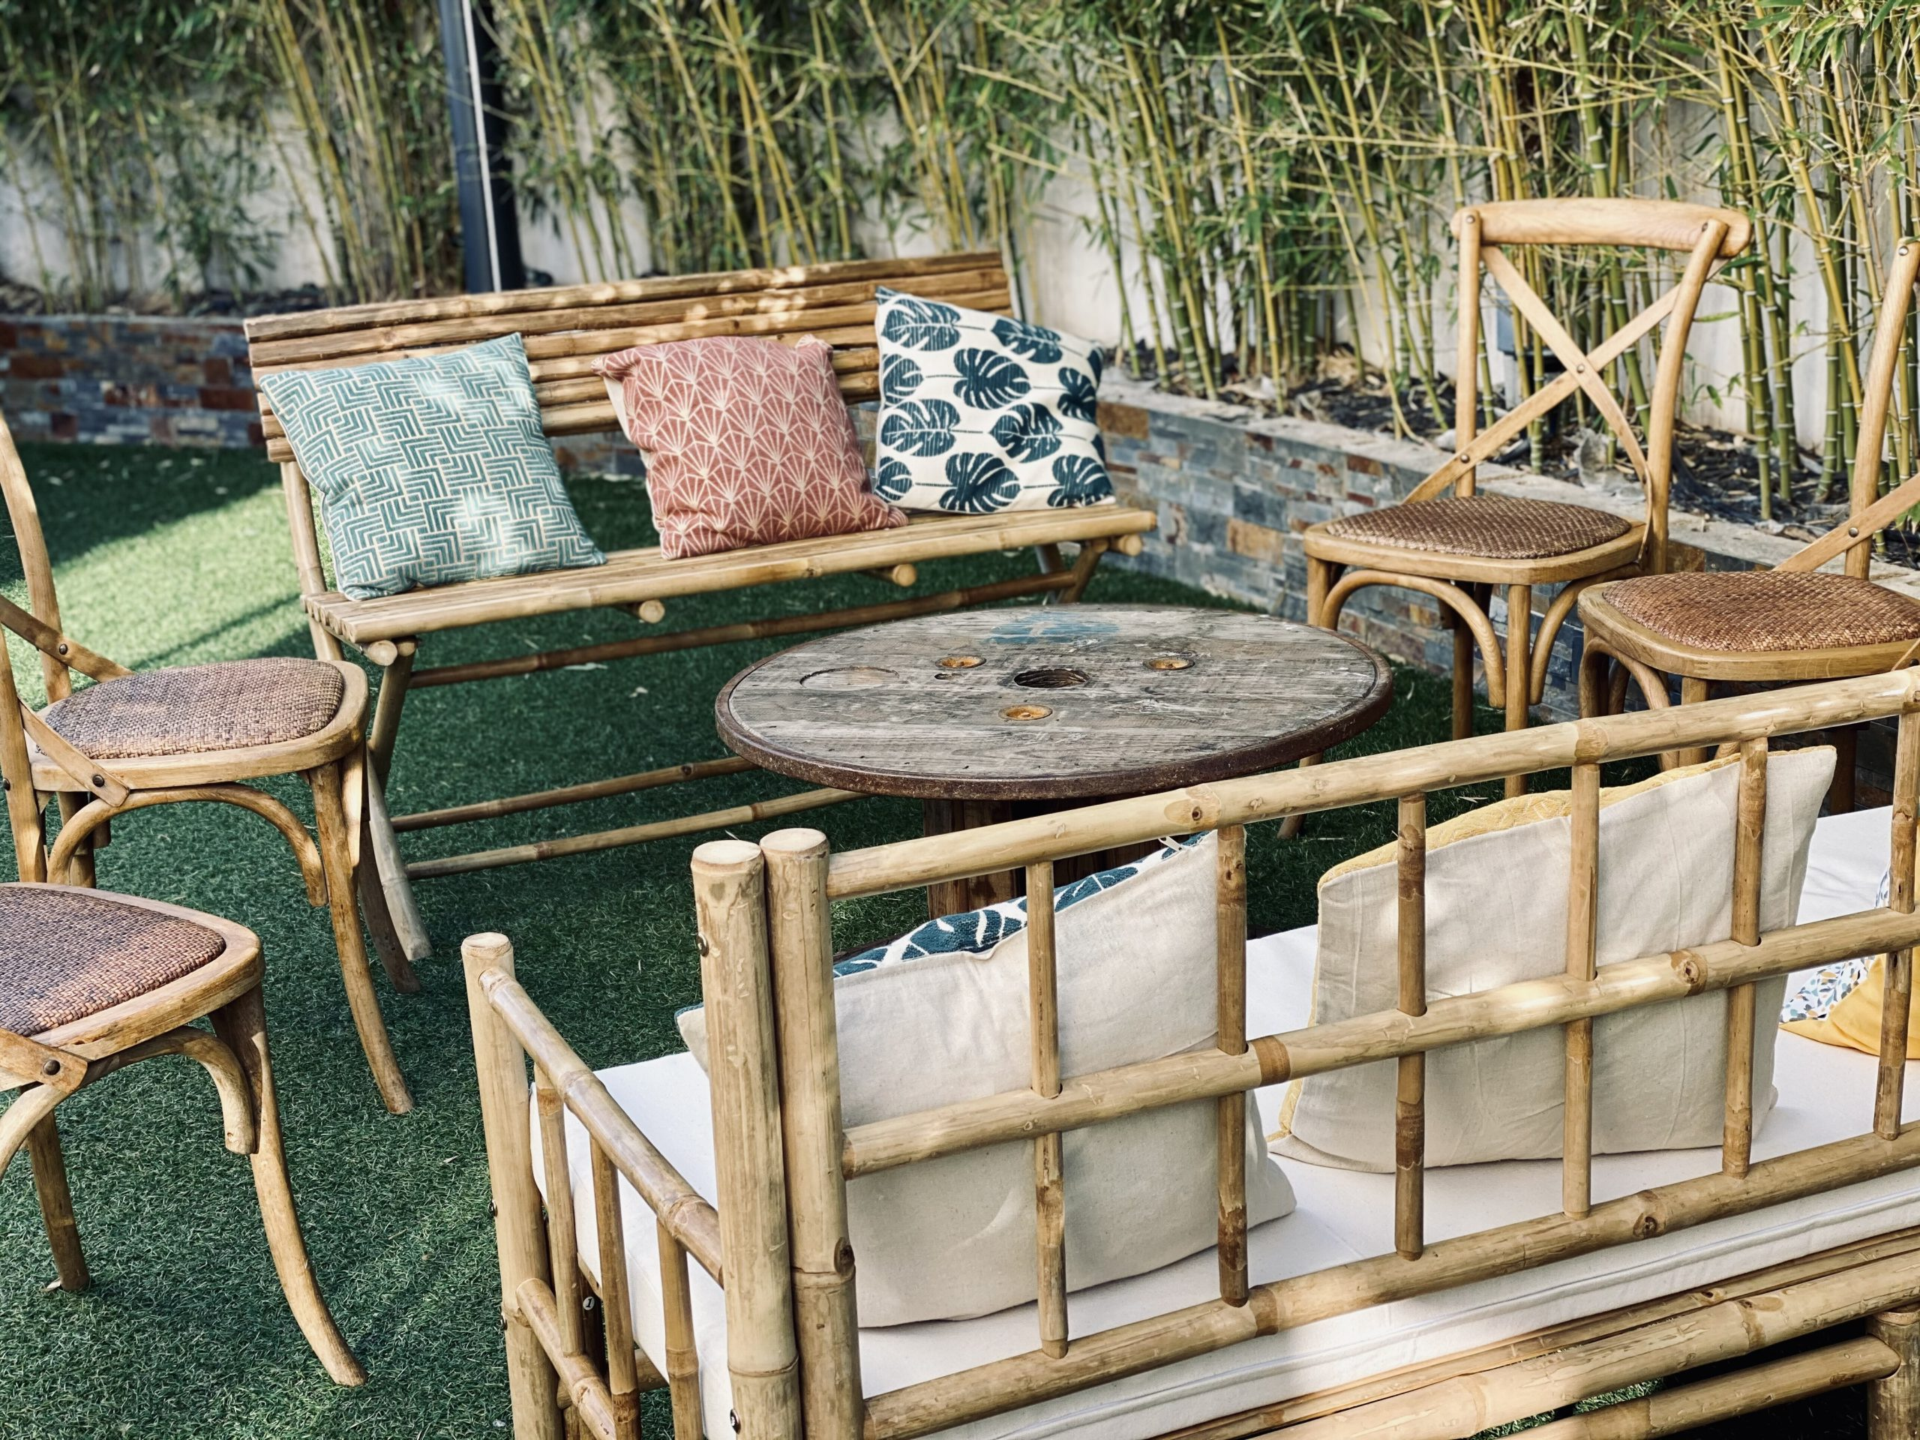 Mobilier bambou longe mariage cocktail cérémonie vin d'honneur location décoration Occitanie